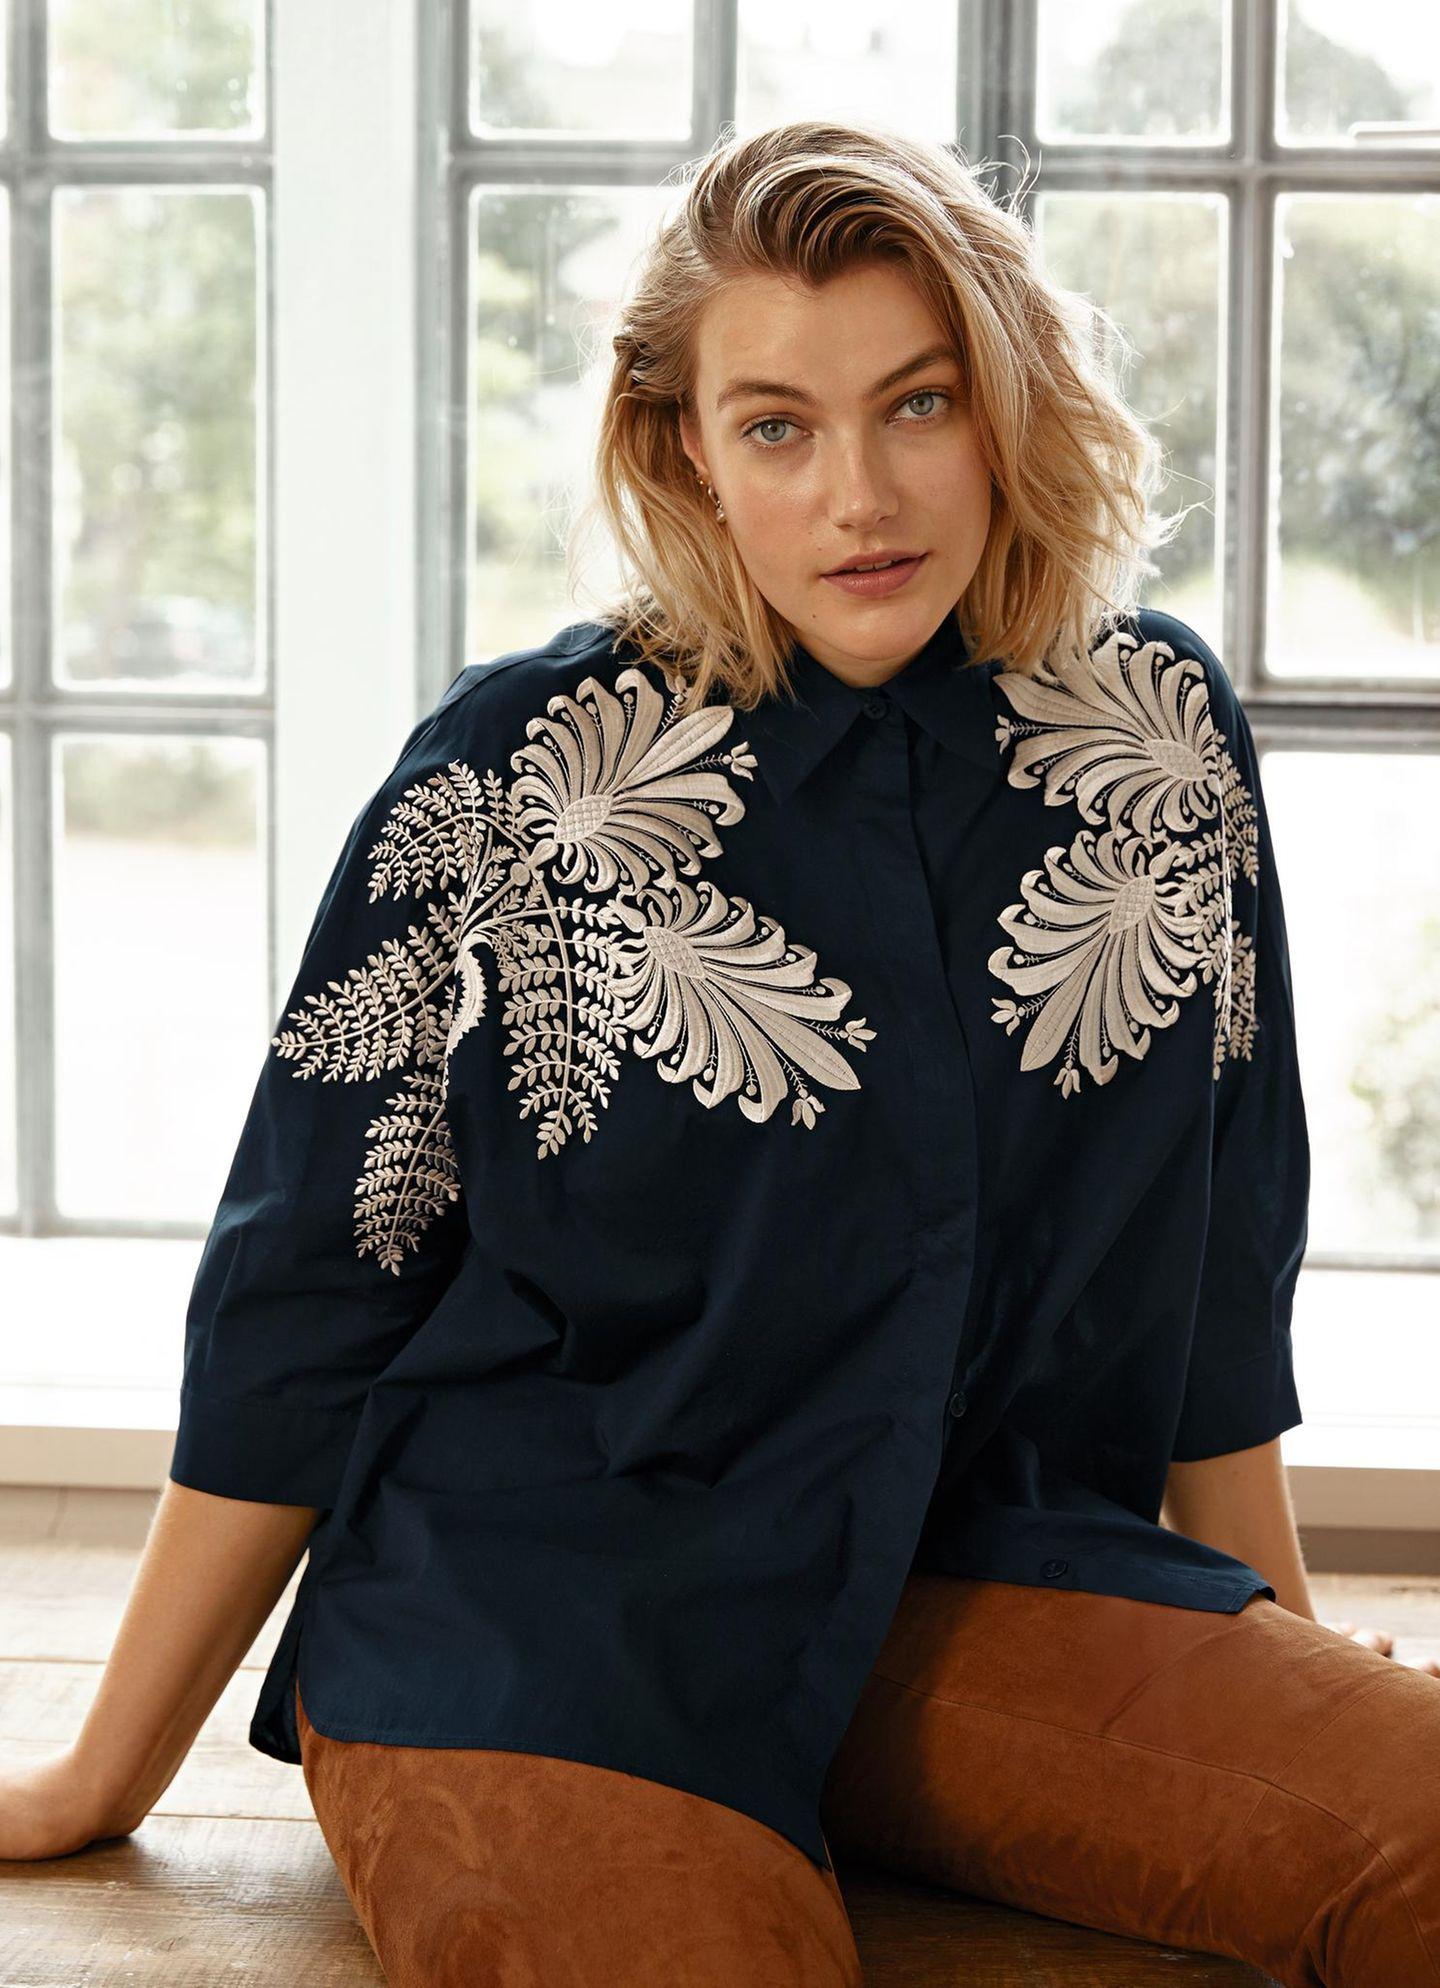 Tolle Mode: Bluse mit Stickerei kombiniert mit Hose aus Ziegenleder